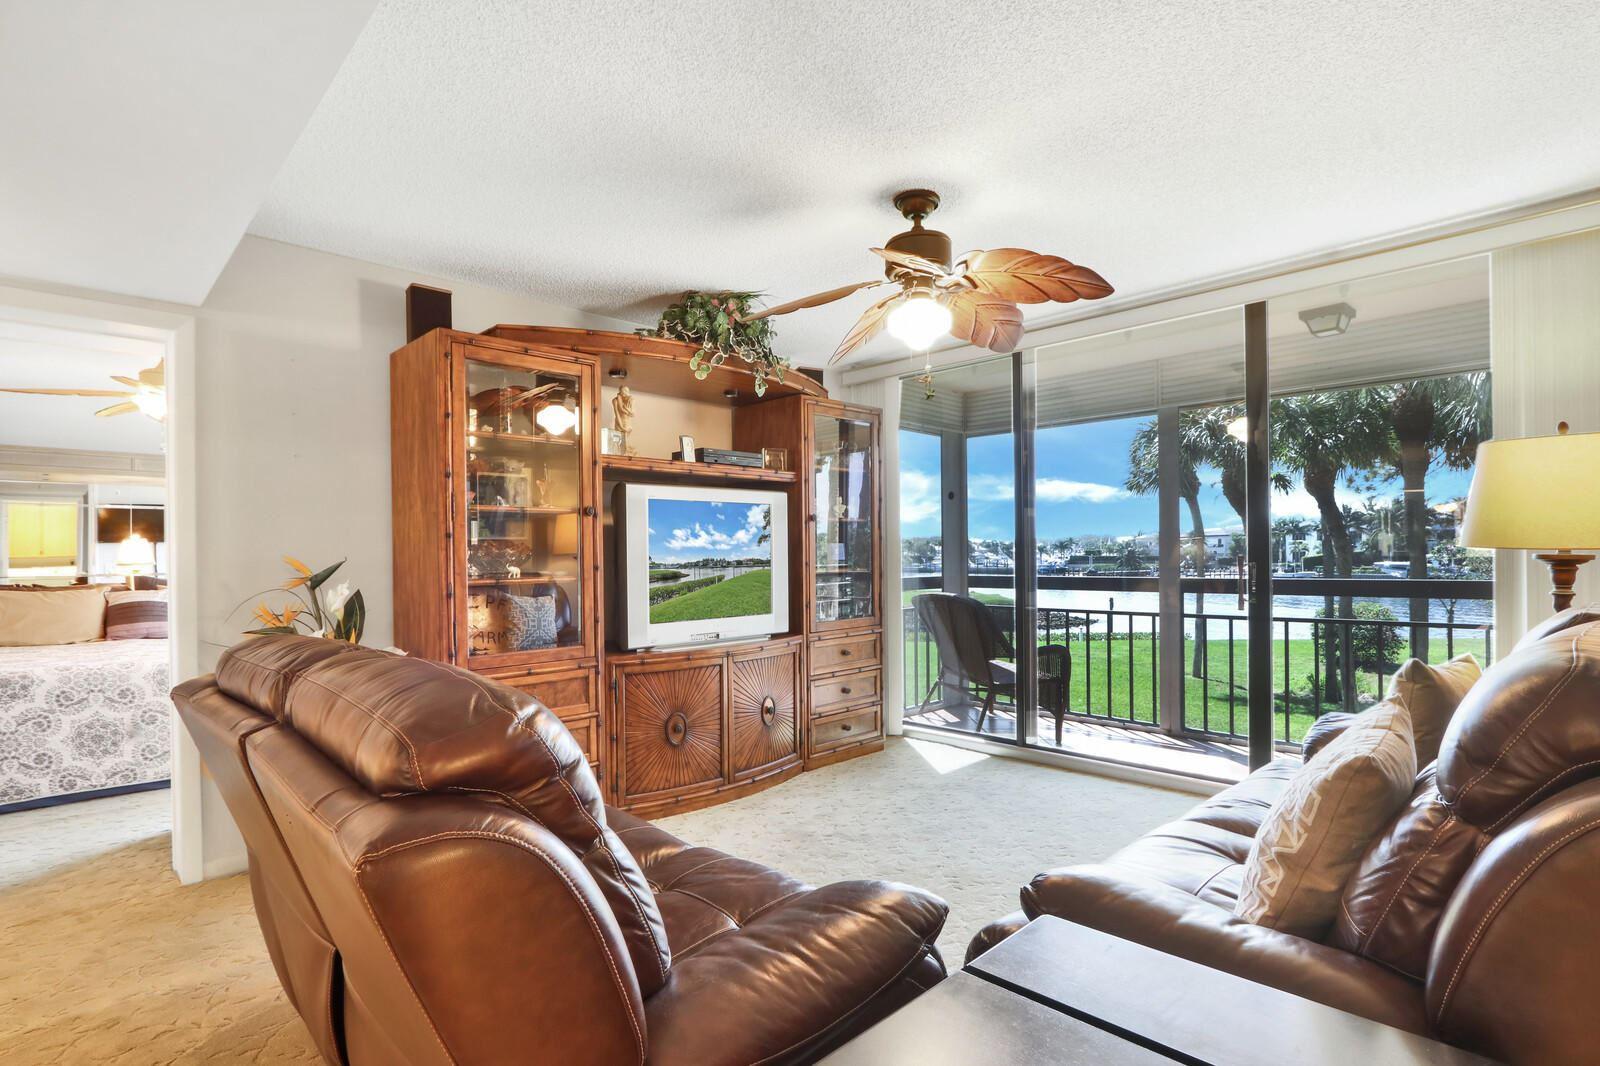 Photo of 2201 Marina Isle Way #205, Jupiter, FL 33477 (MLS # RX-10695221)